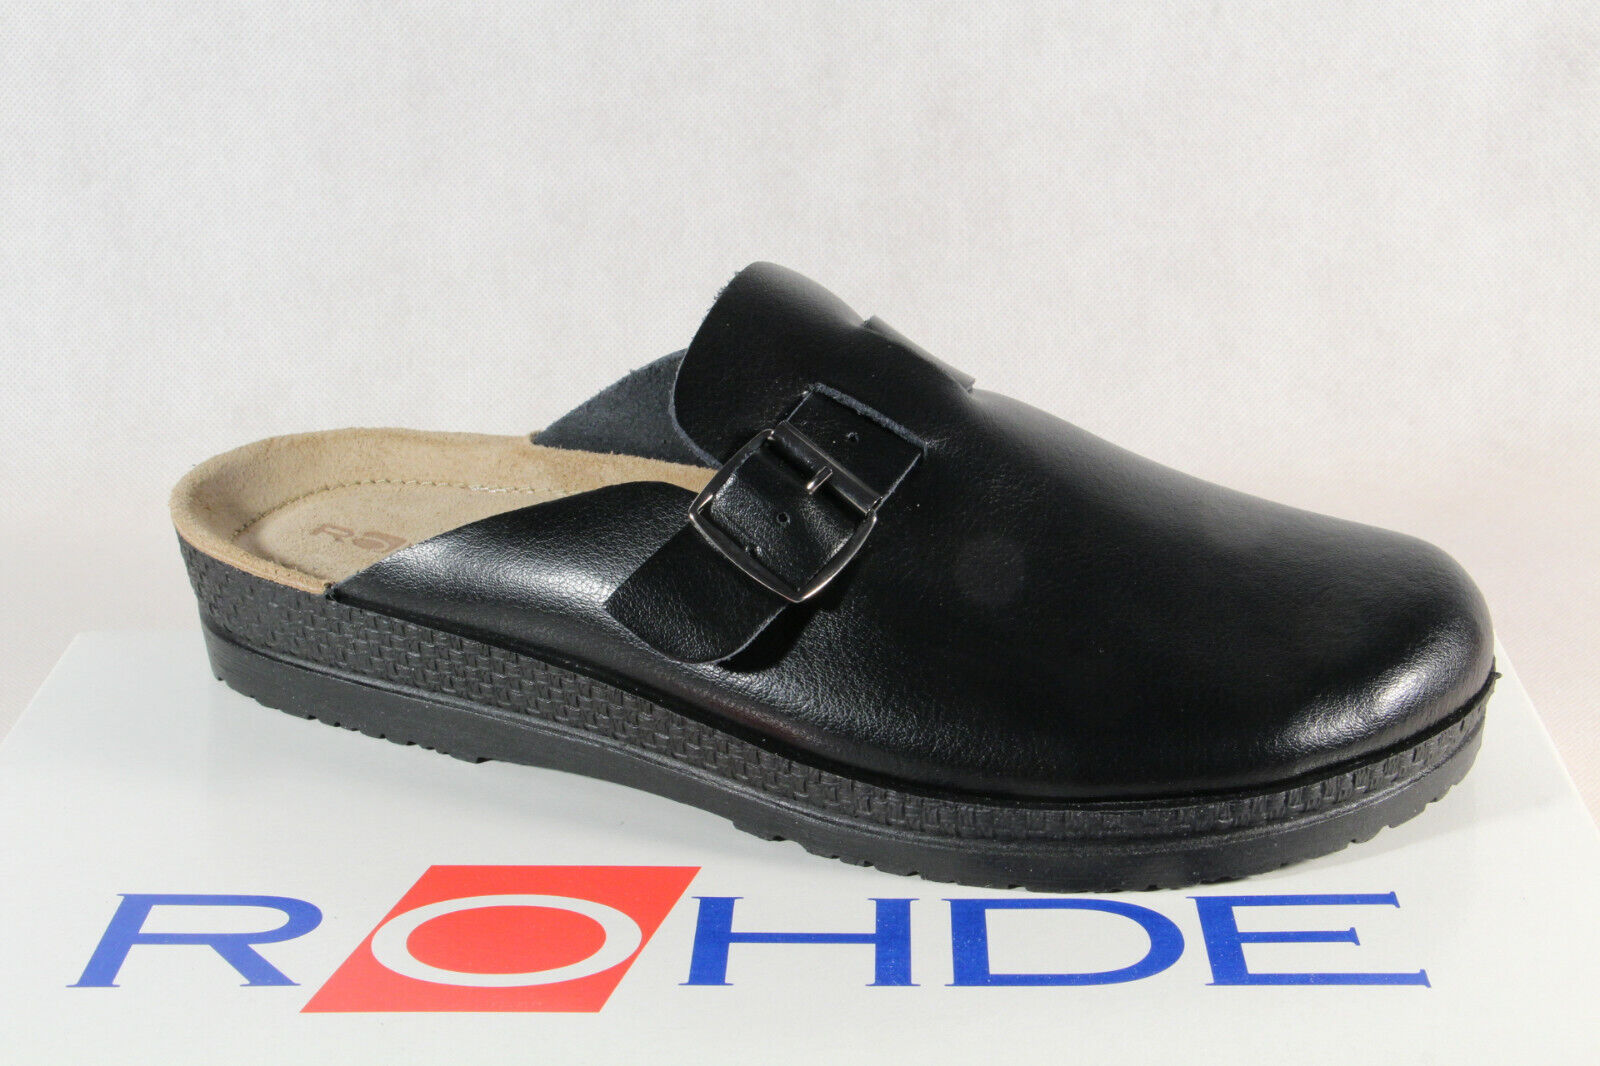 Rohde Hombre Zuecos Mulas Zuecos Negro Cuero Aut. Nuevo